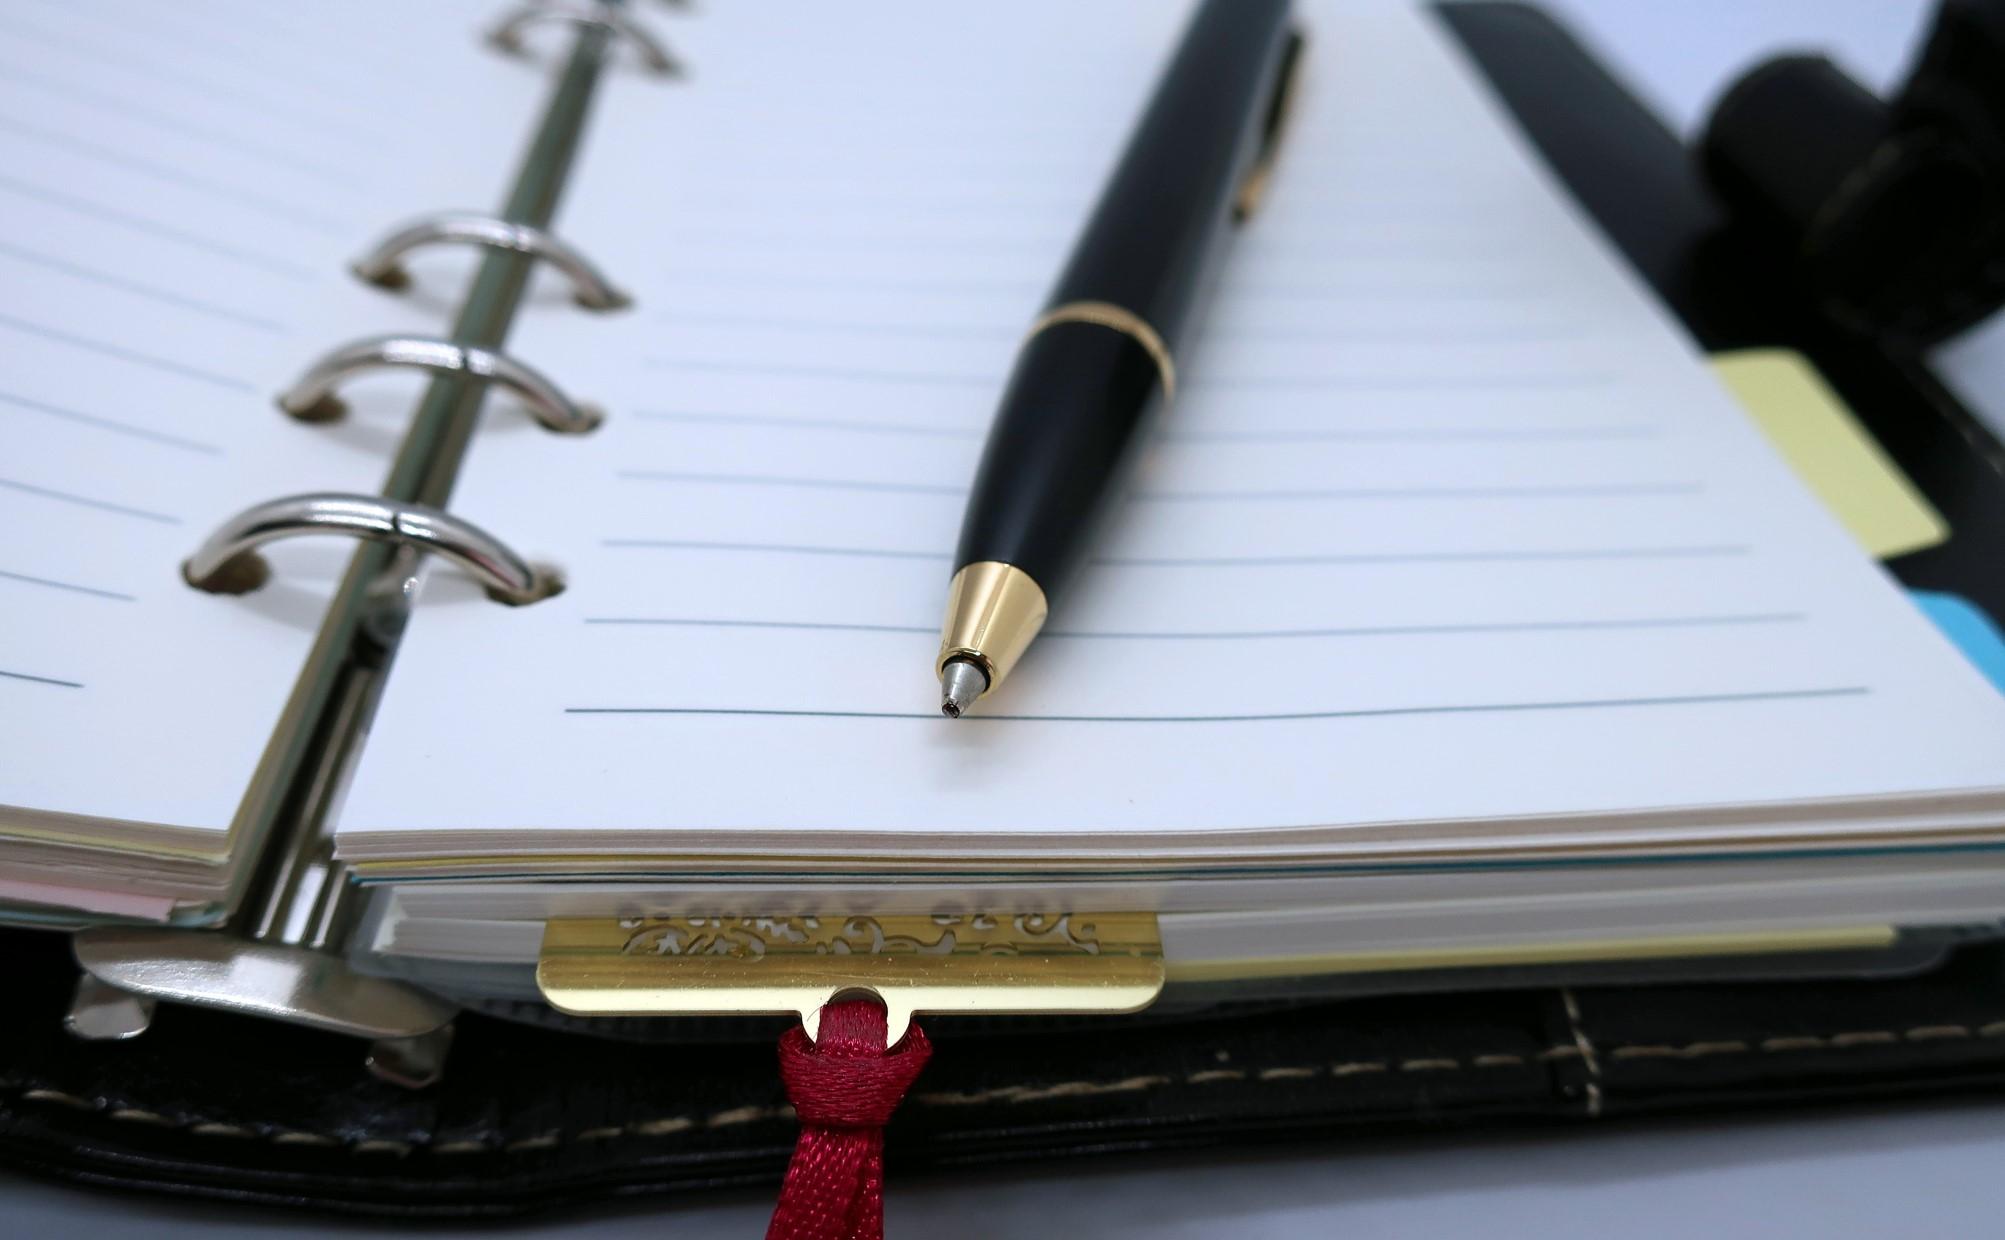 手帳の使い方|手帳が担う本質的な役割りと効果について考える